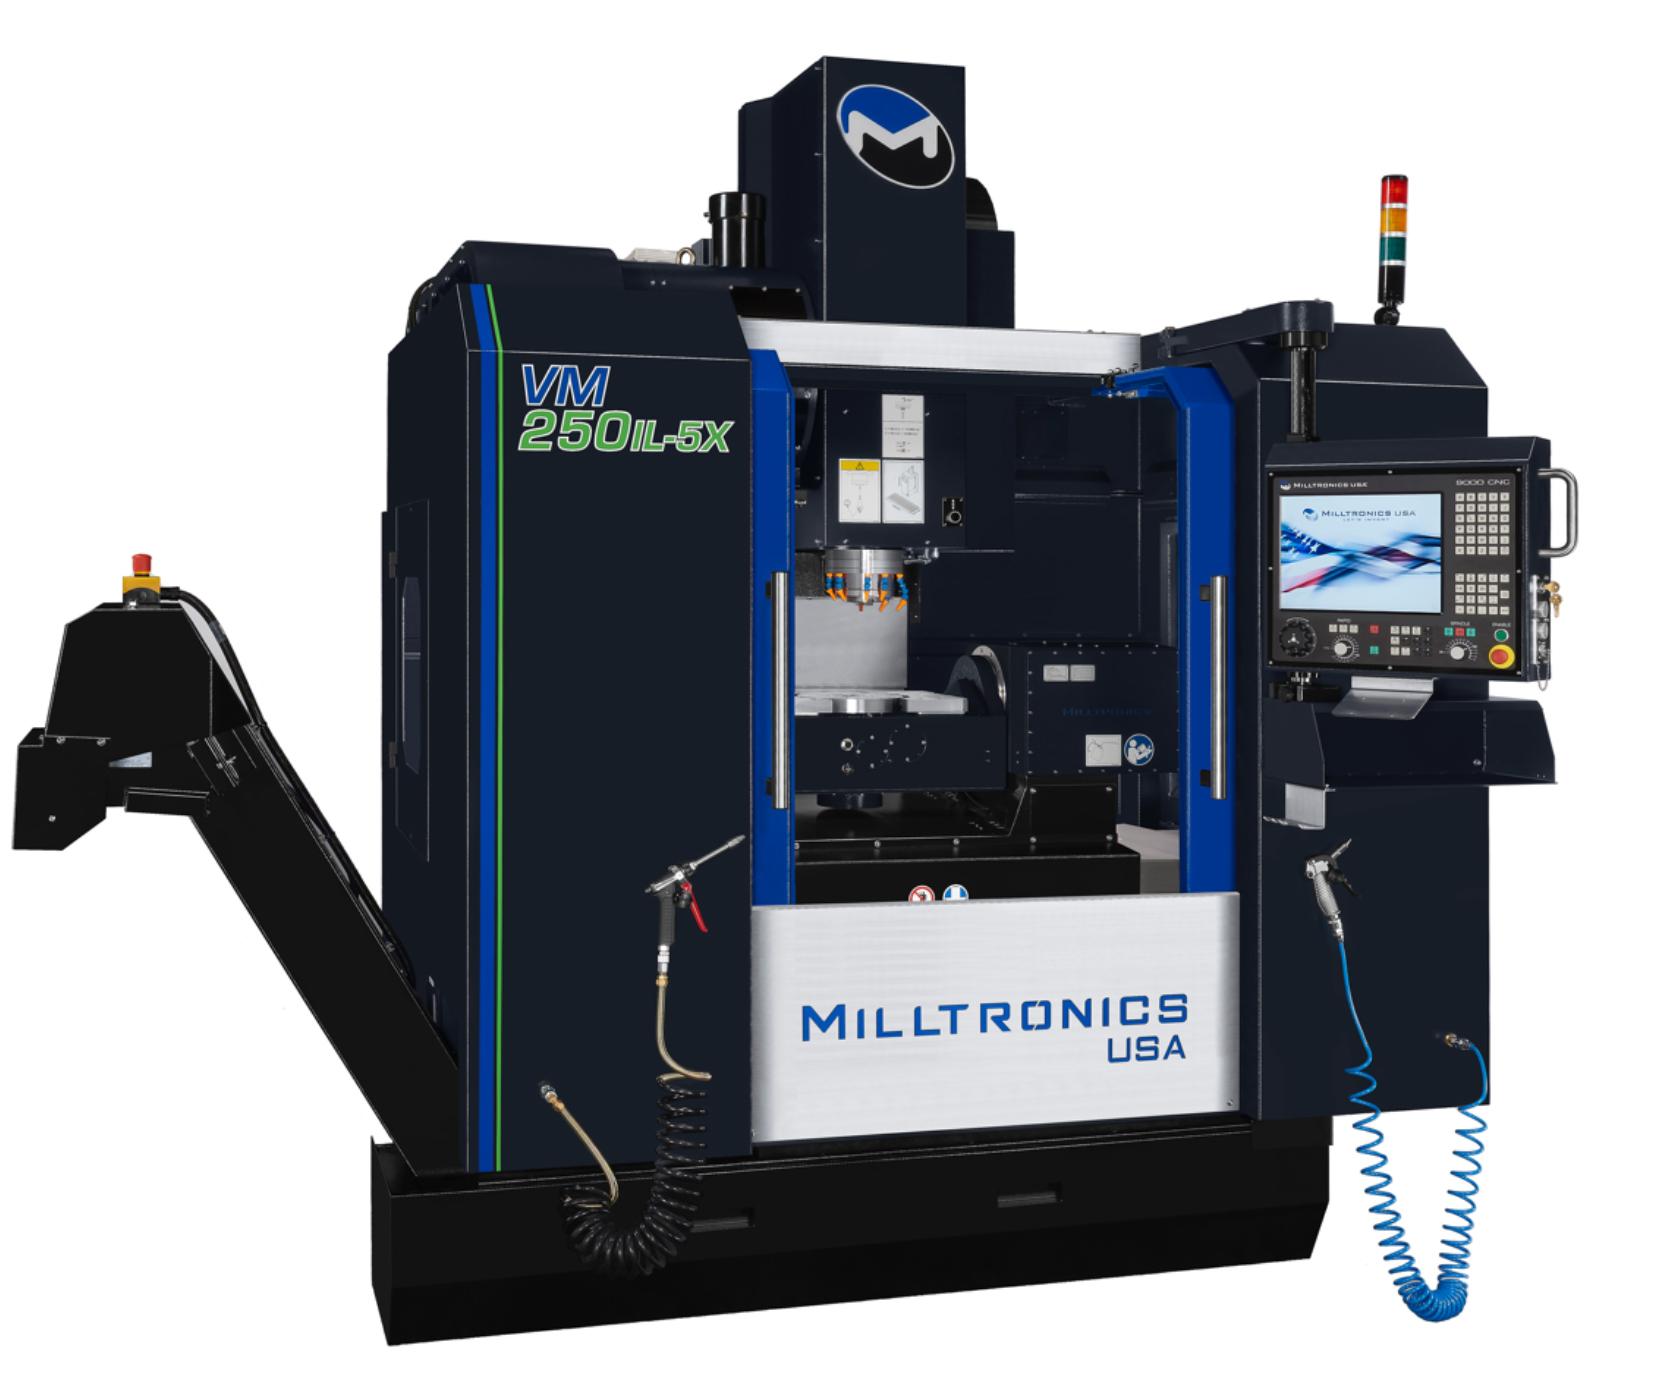 Milltronics' VM250IL-5x.